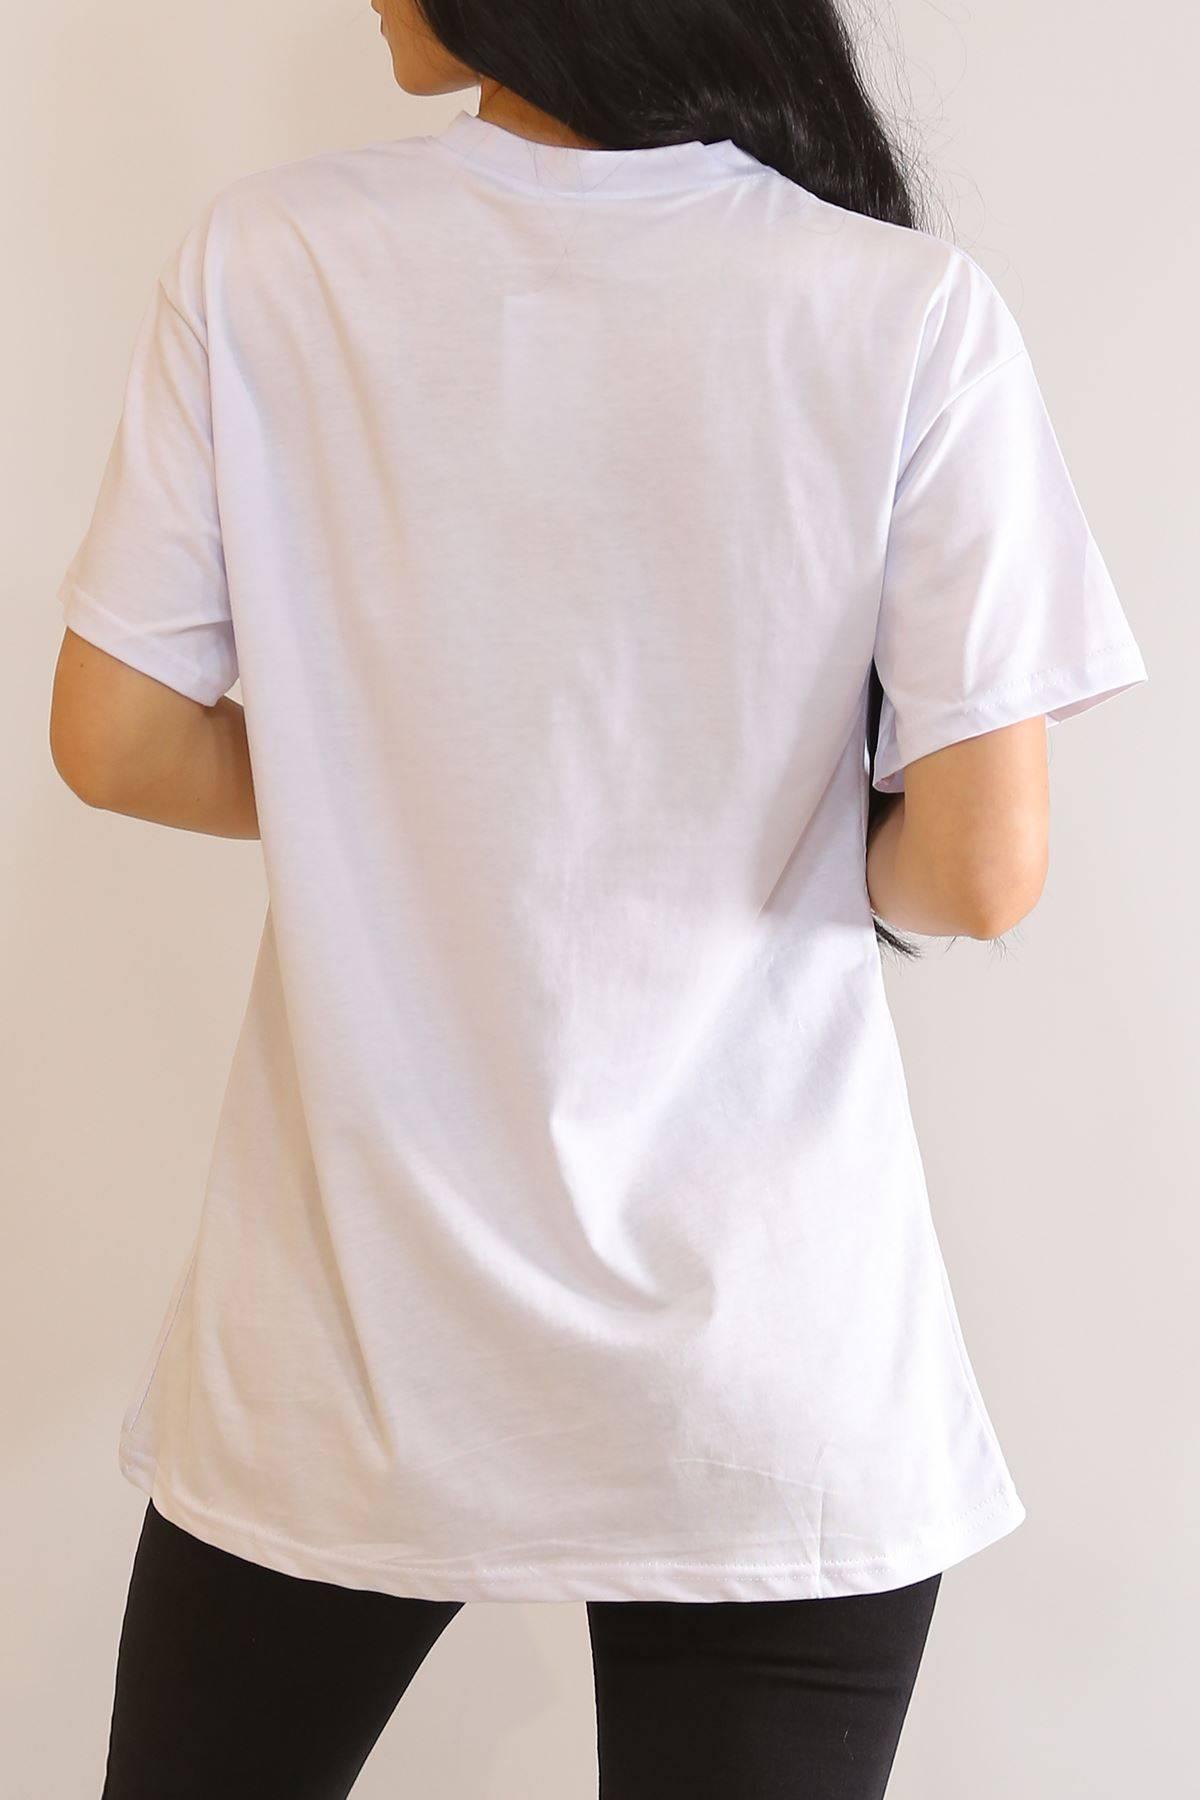 Ejderha Baskılı Tişört Beyaz - 6063.1377.